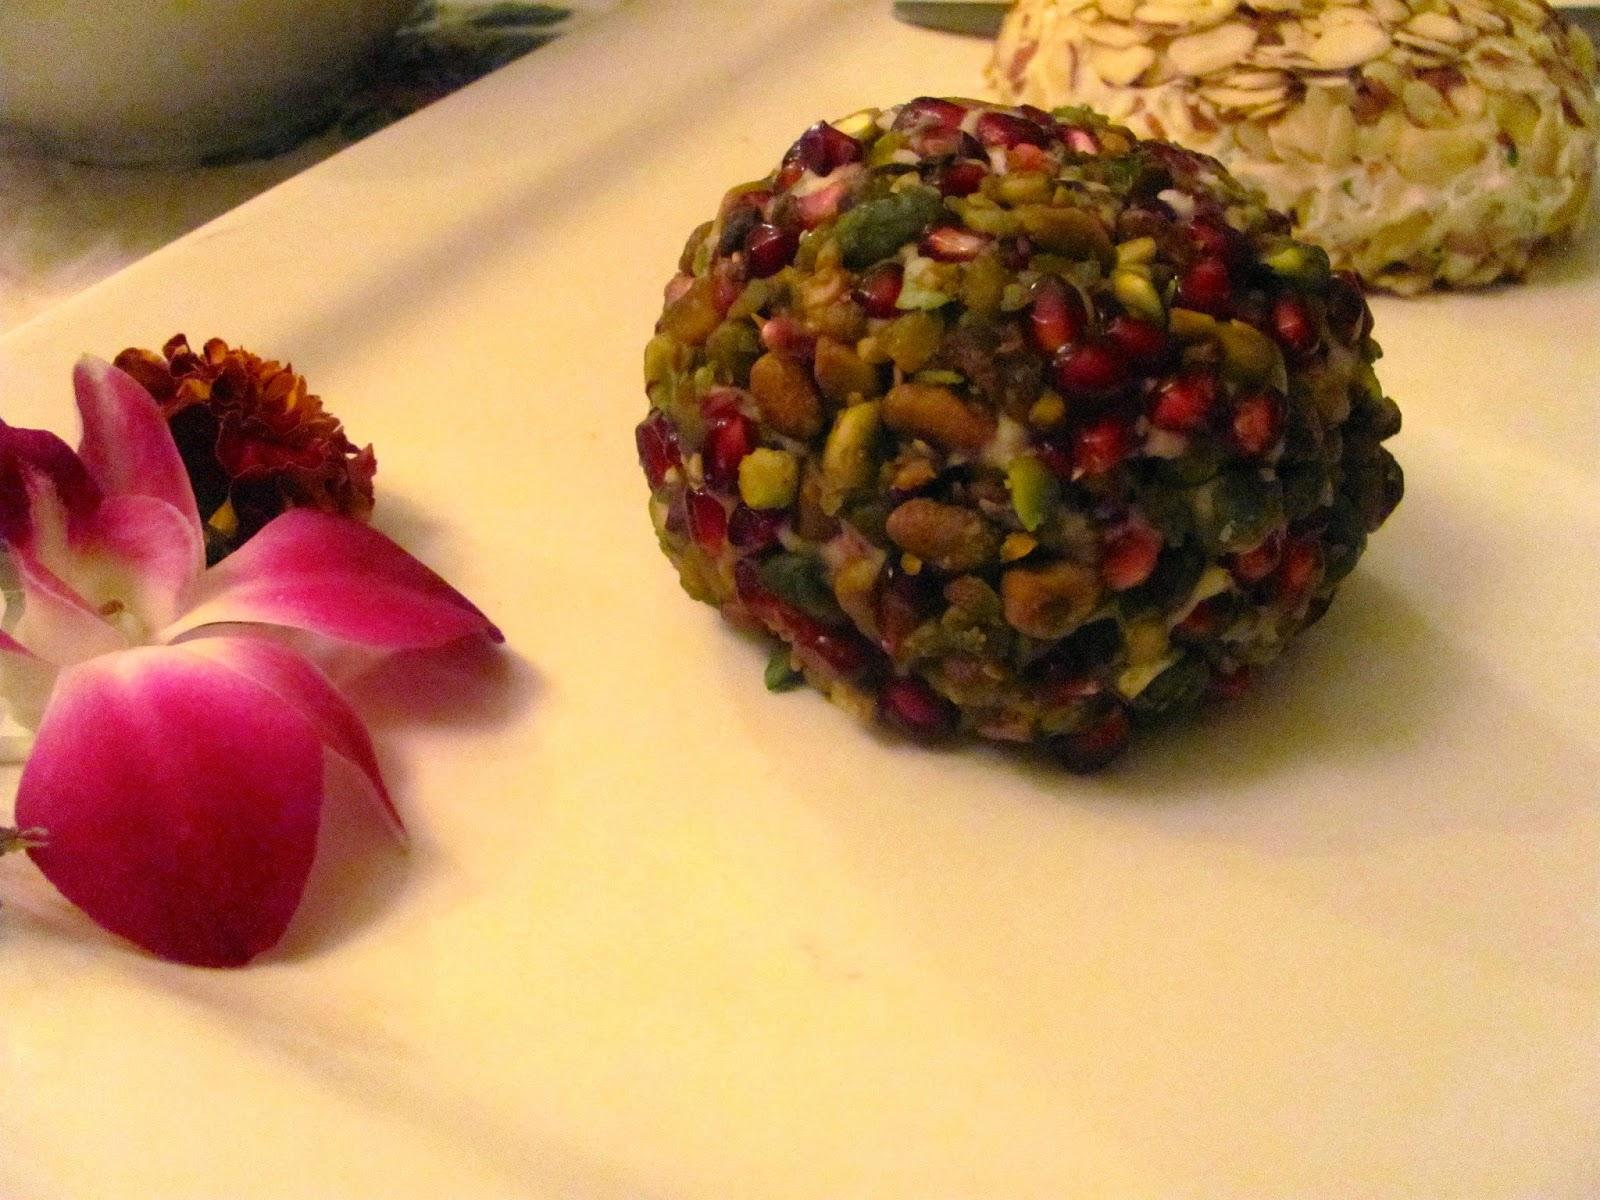 raw foods caterer denver | gluten free caterer denver | holiday catering denver | vegan caterer denver | clean foods caterer